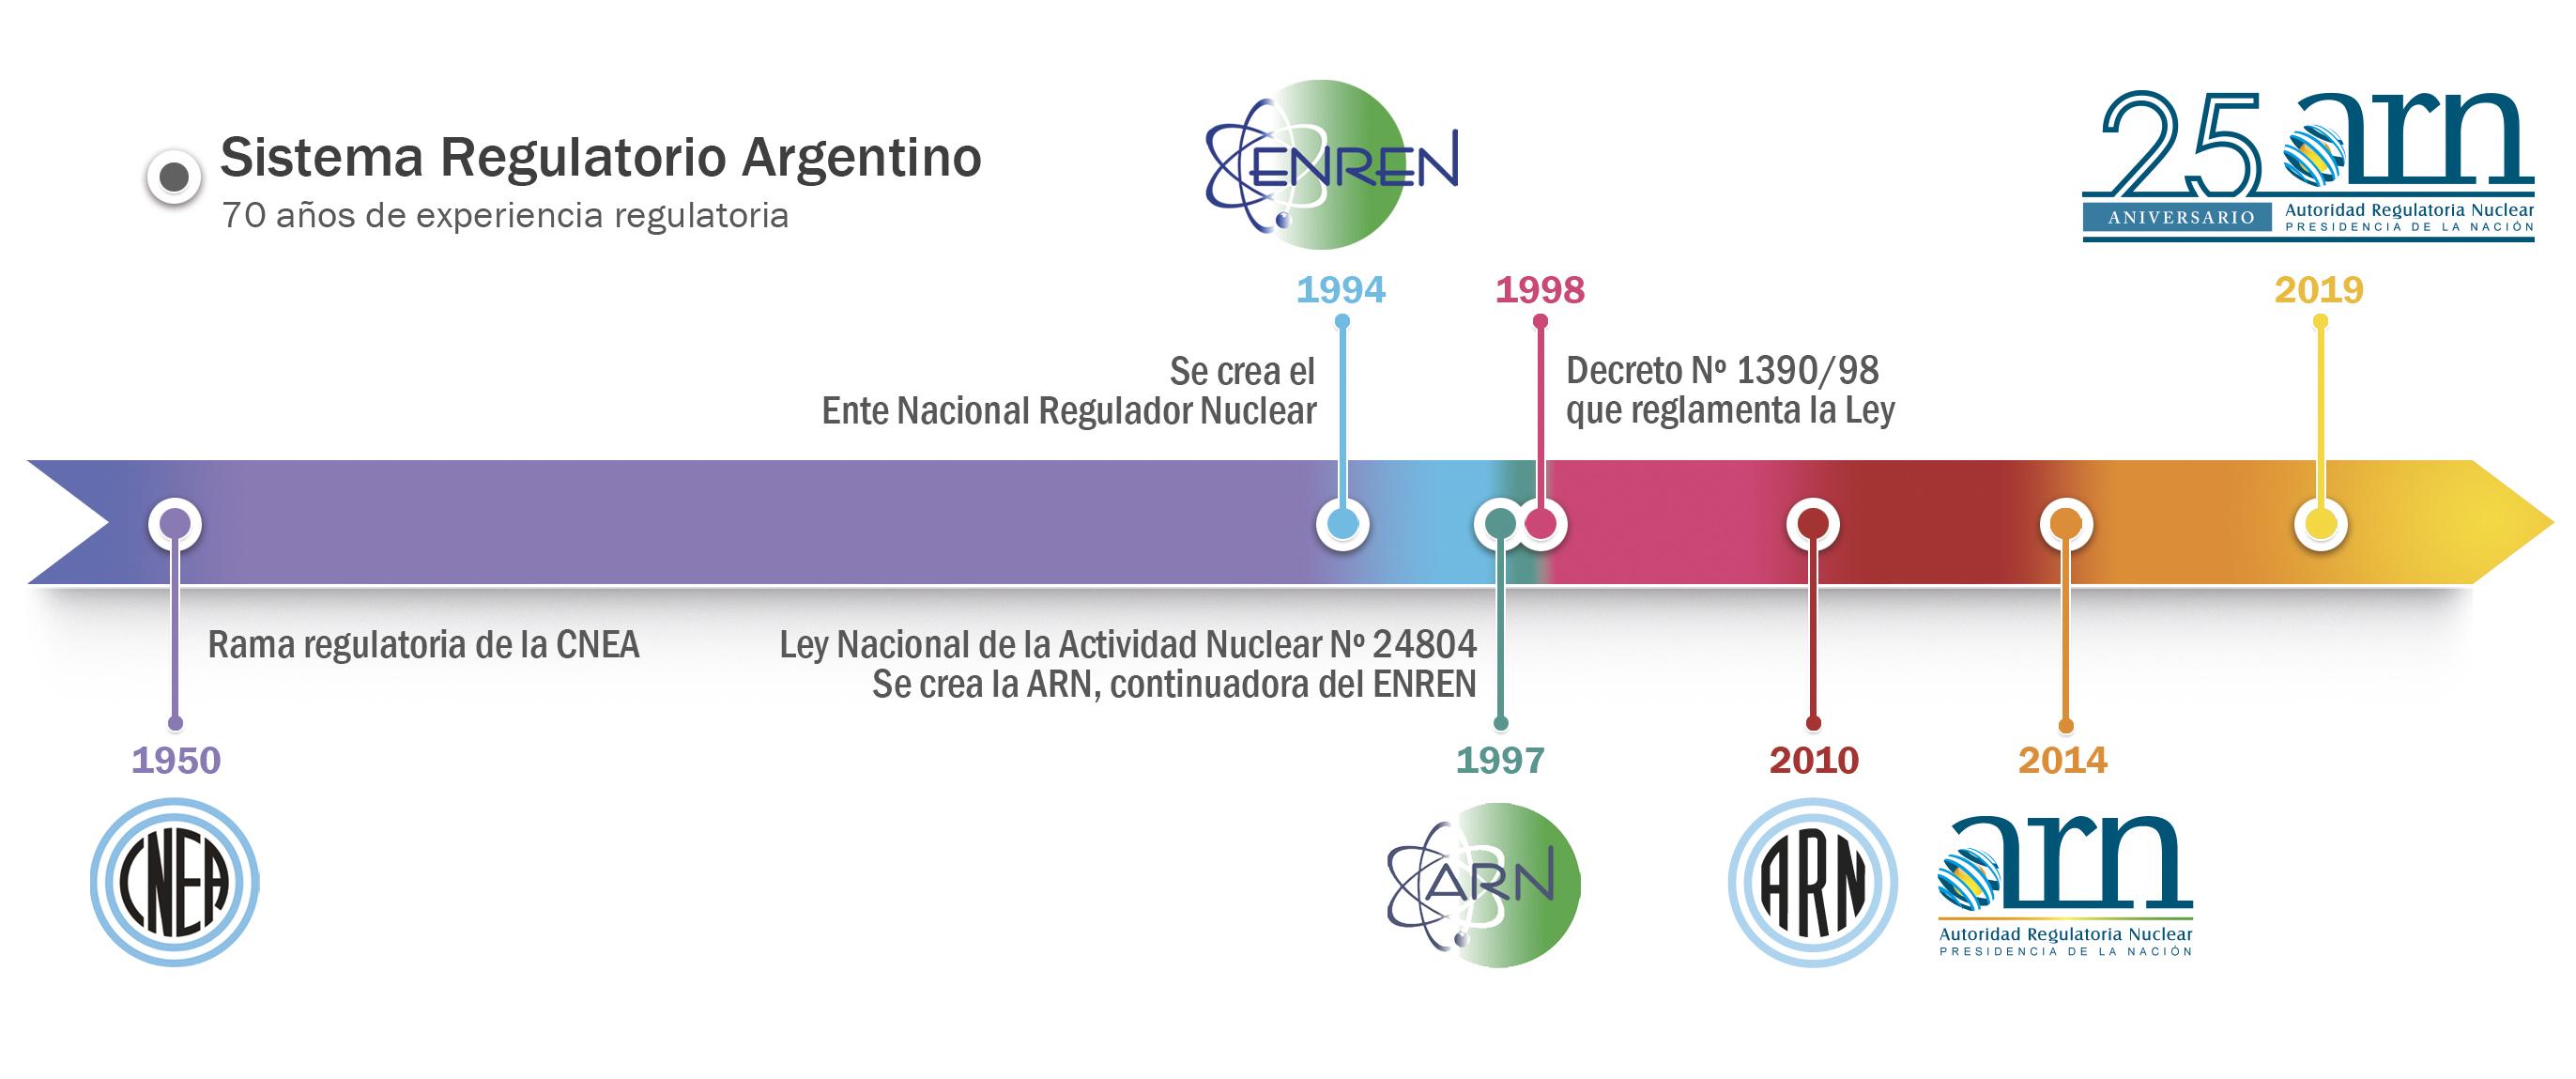 El sistema regulatorio argentino tiene más de 70 años de historia